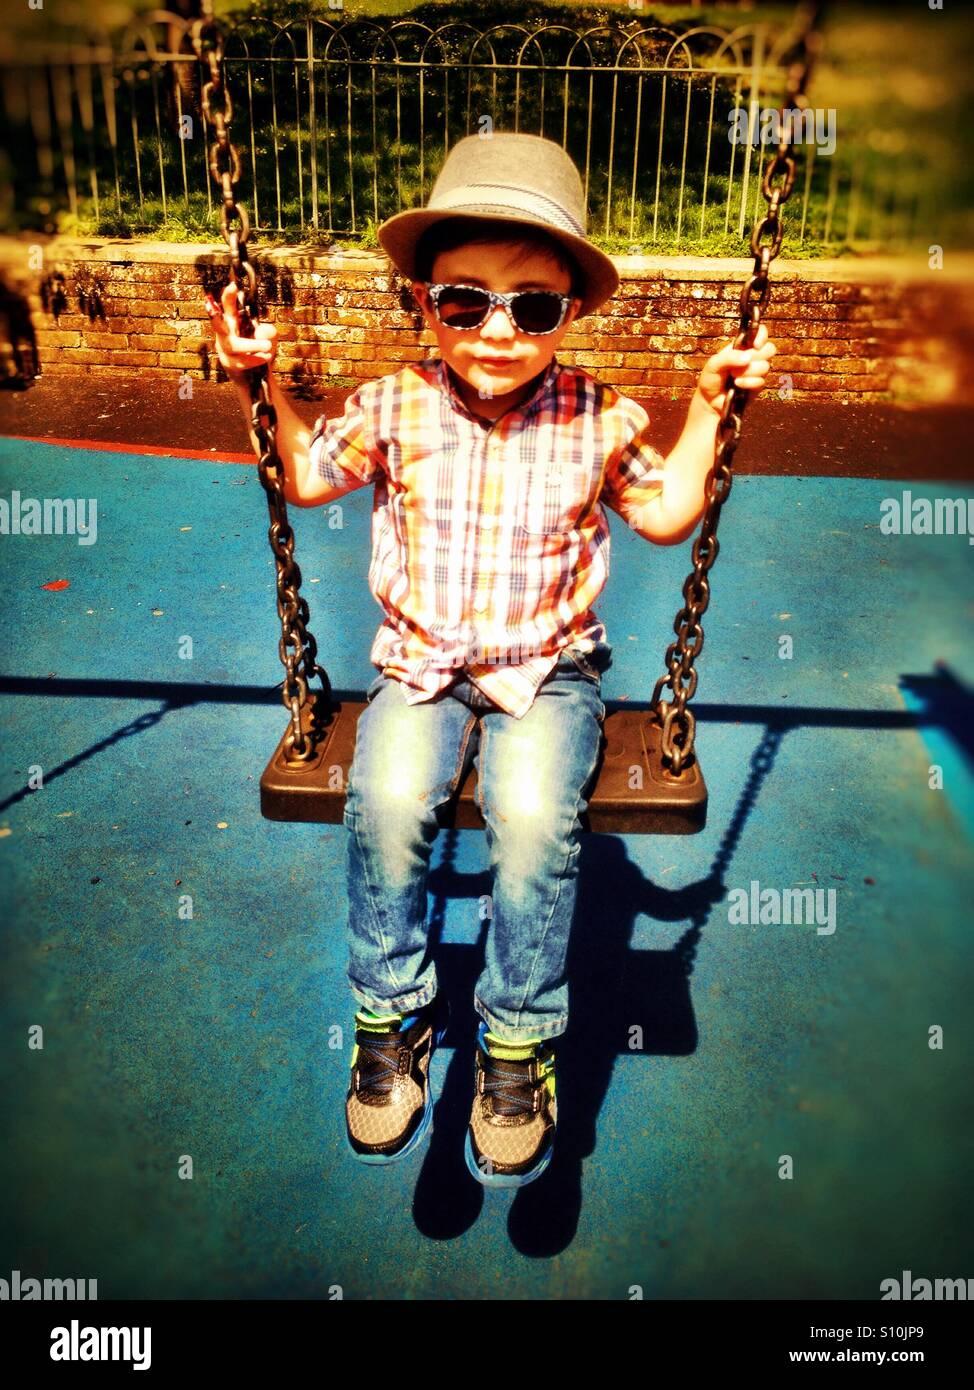 Un giovane ragazzo che indossa un cappello e occhiali da sole gioca su s'altalena nel parco. Immagini Stock